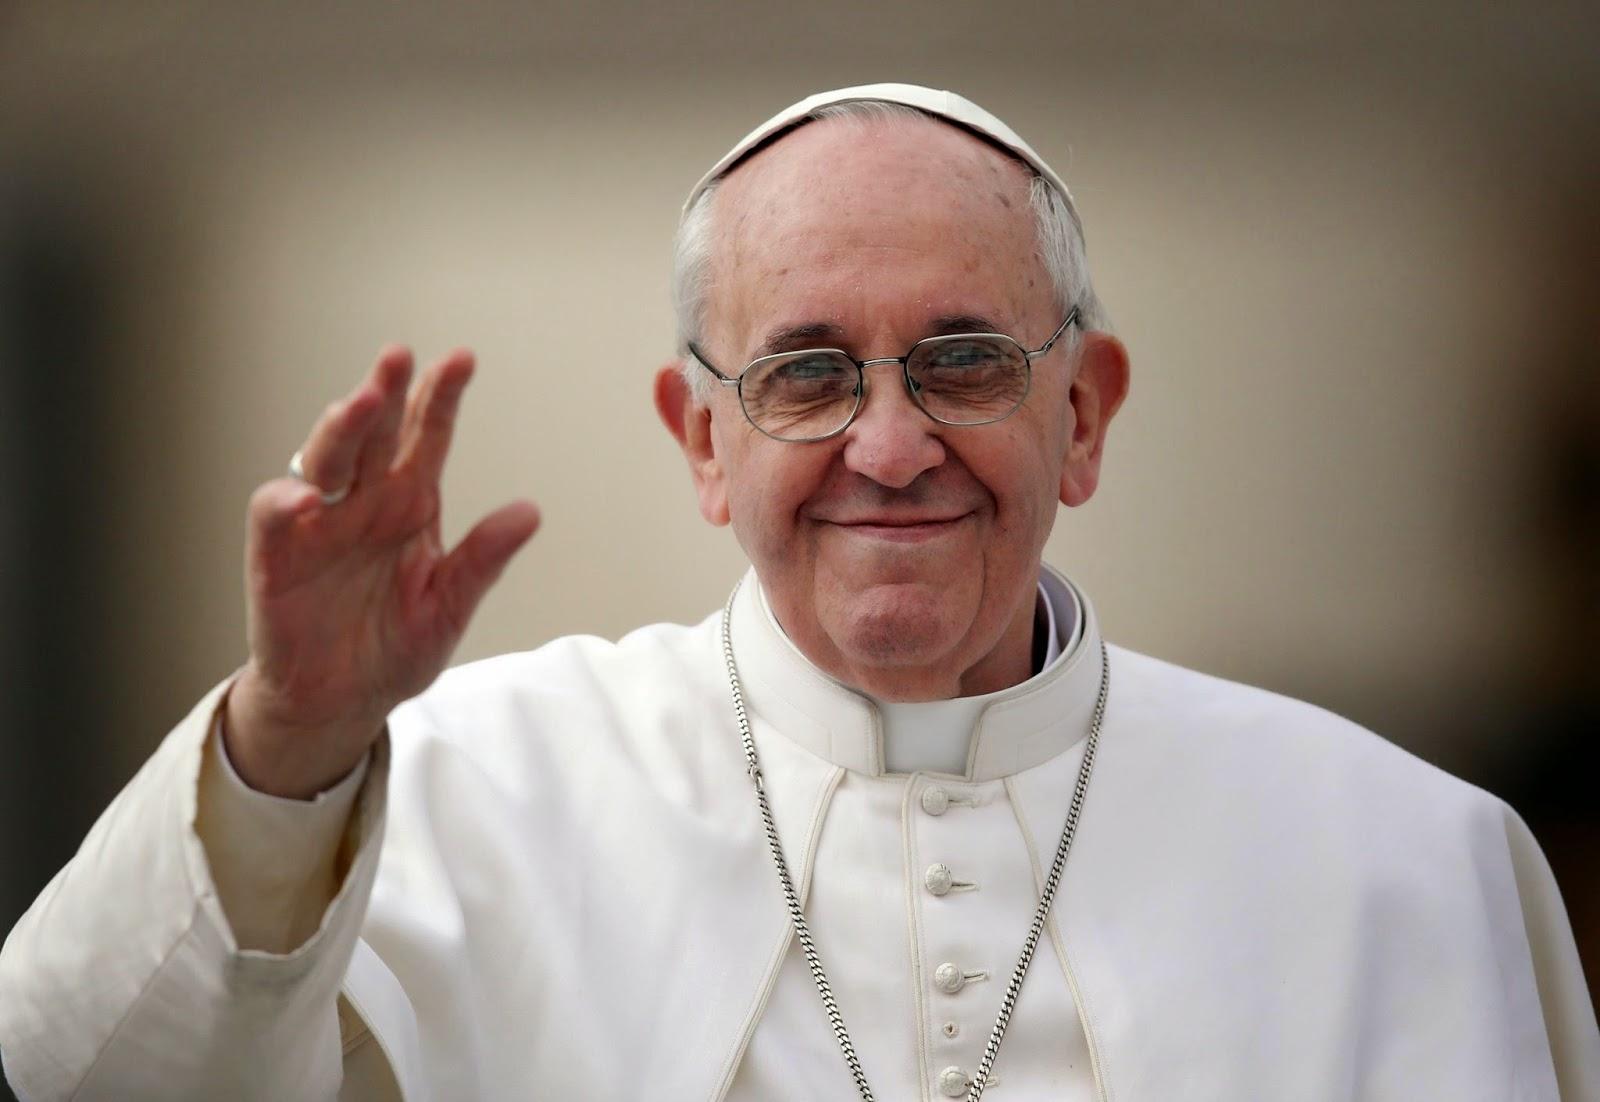 Giáo Hội Năm Châu 31/01 - 06/02/2017: Tòa Thánh tiến đến gần một thỏa thuận với Huynh Đoàn Thánh Piô X